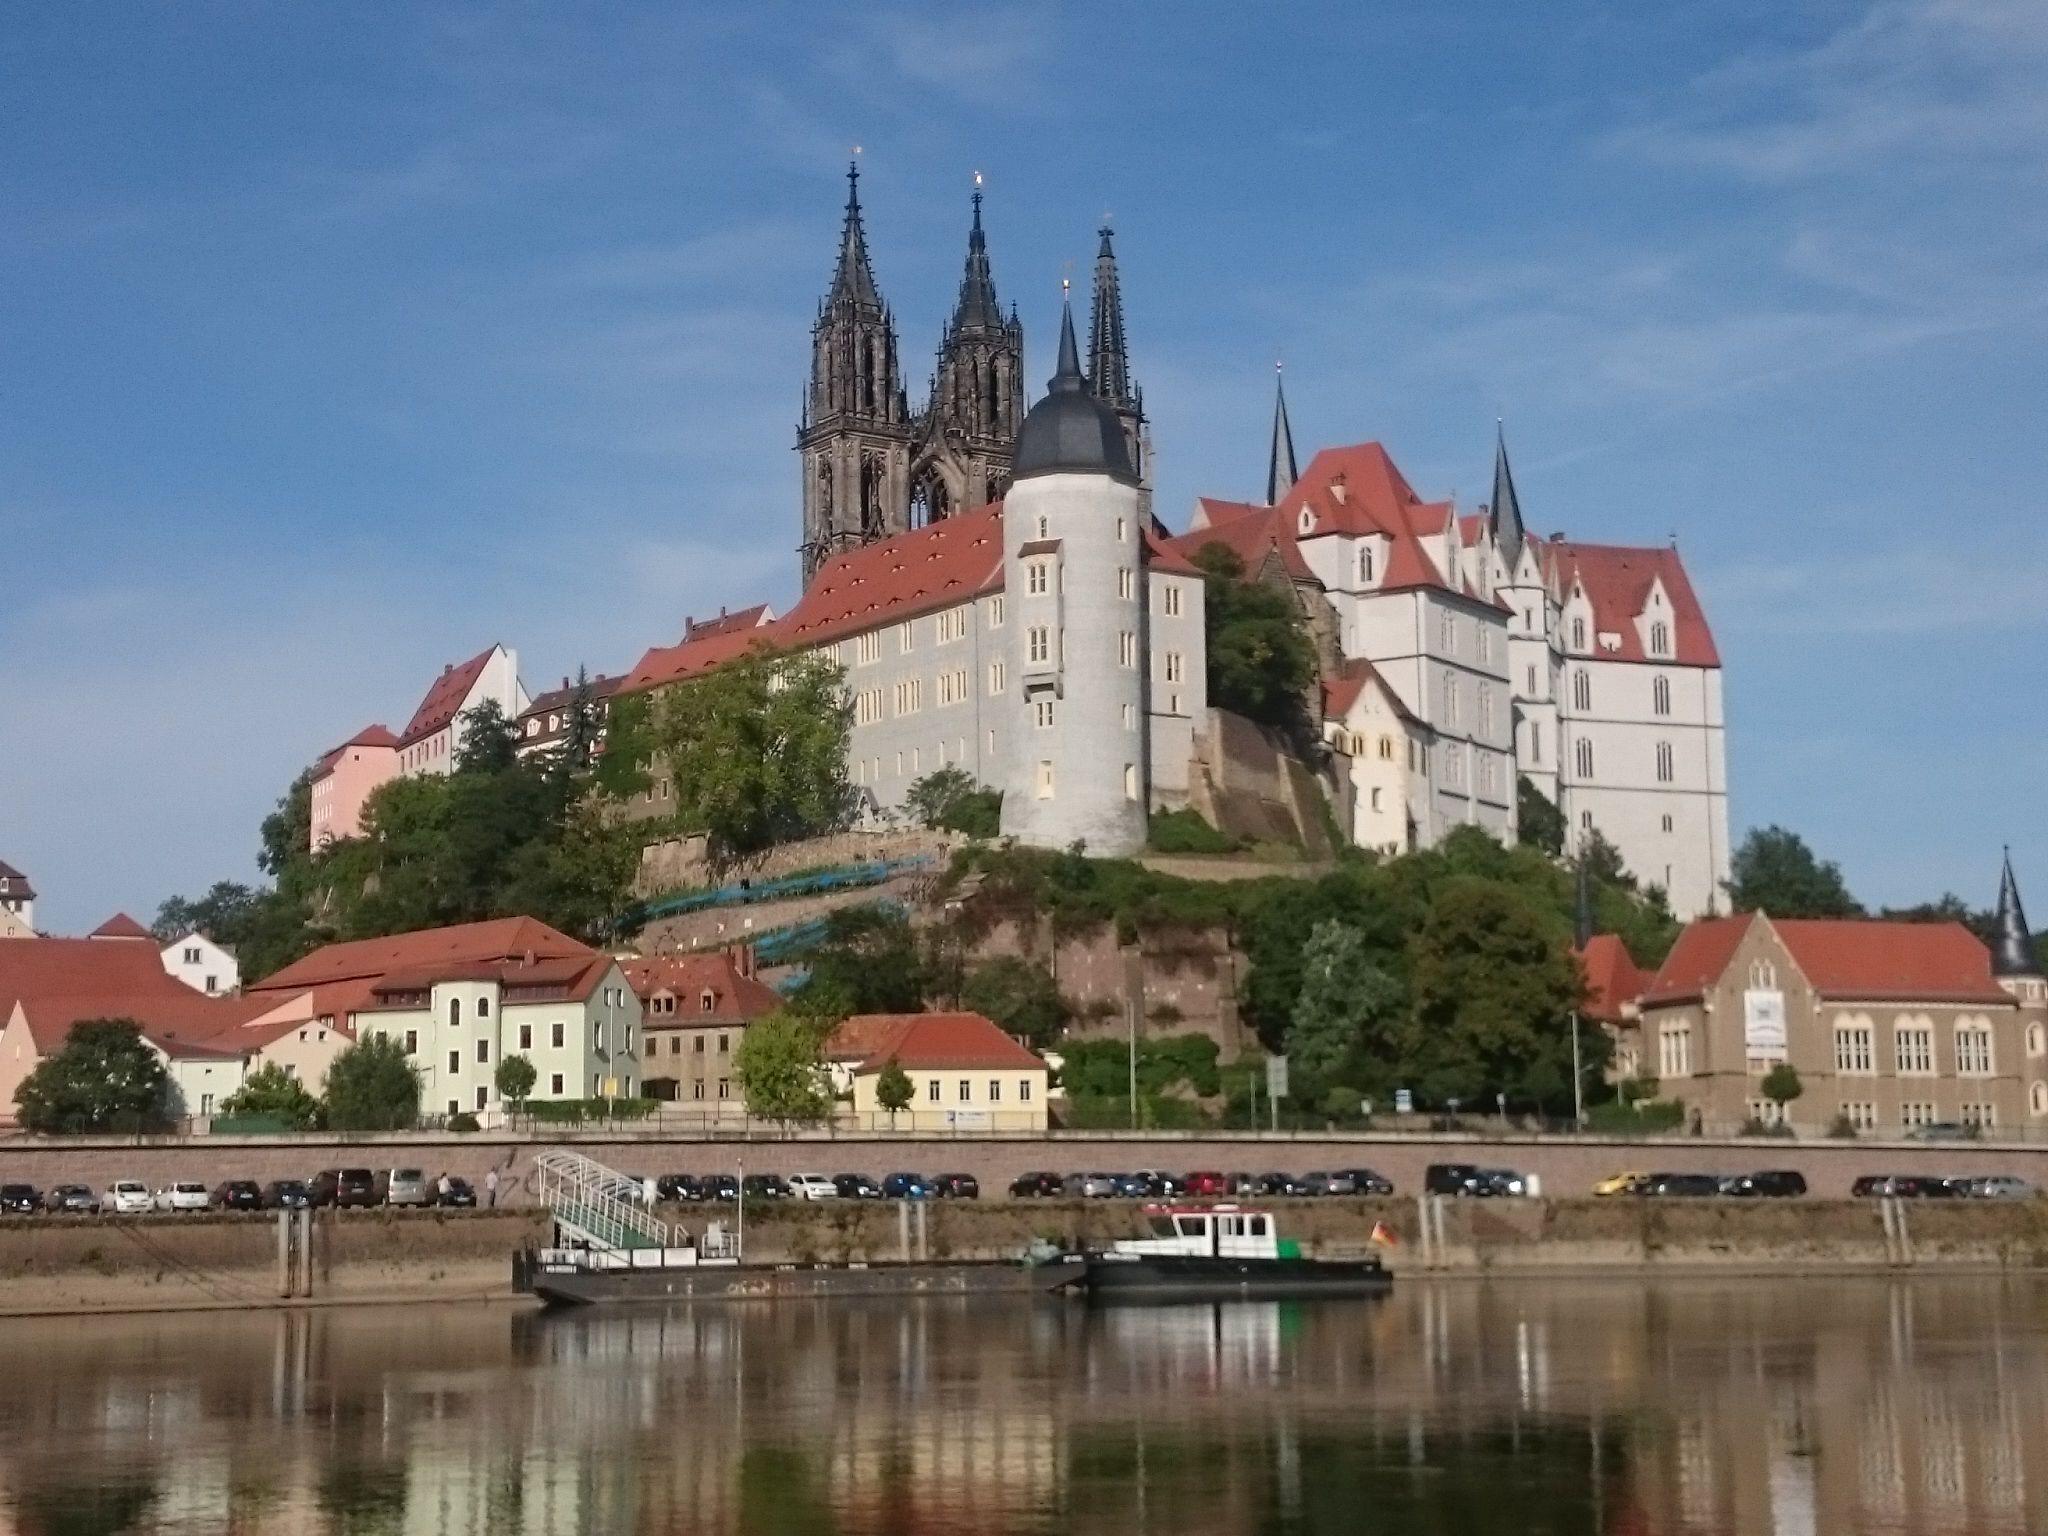 Burg und Dom in Meißen